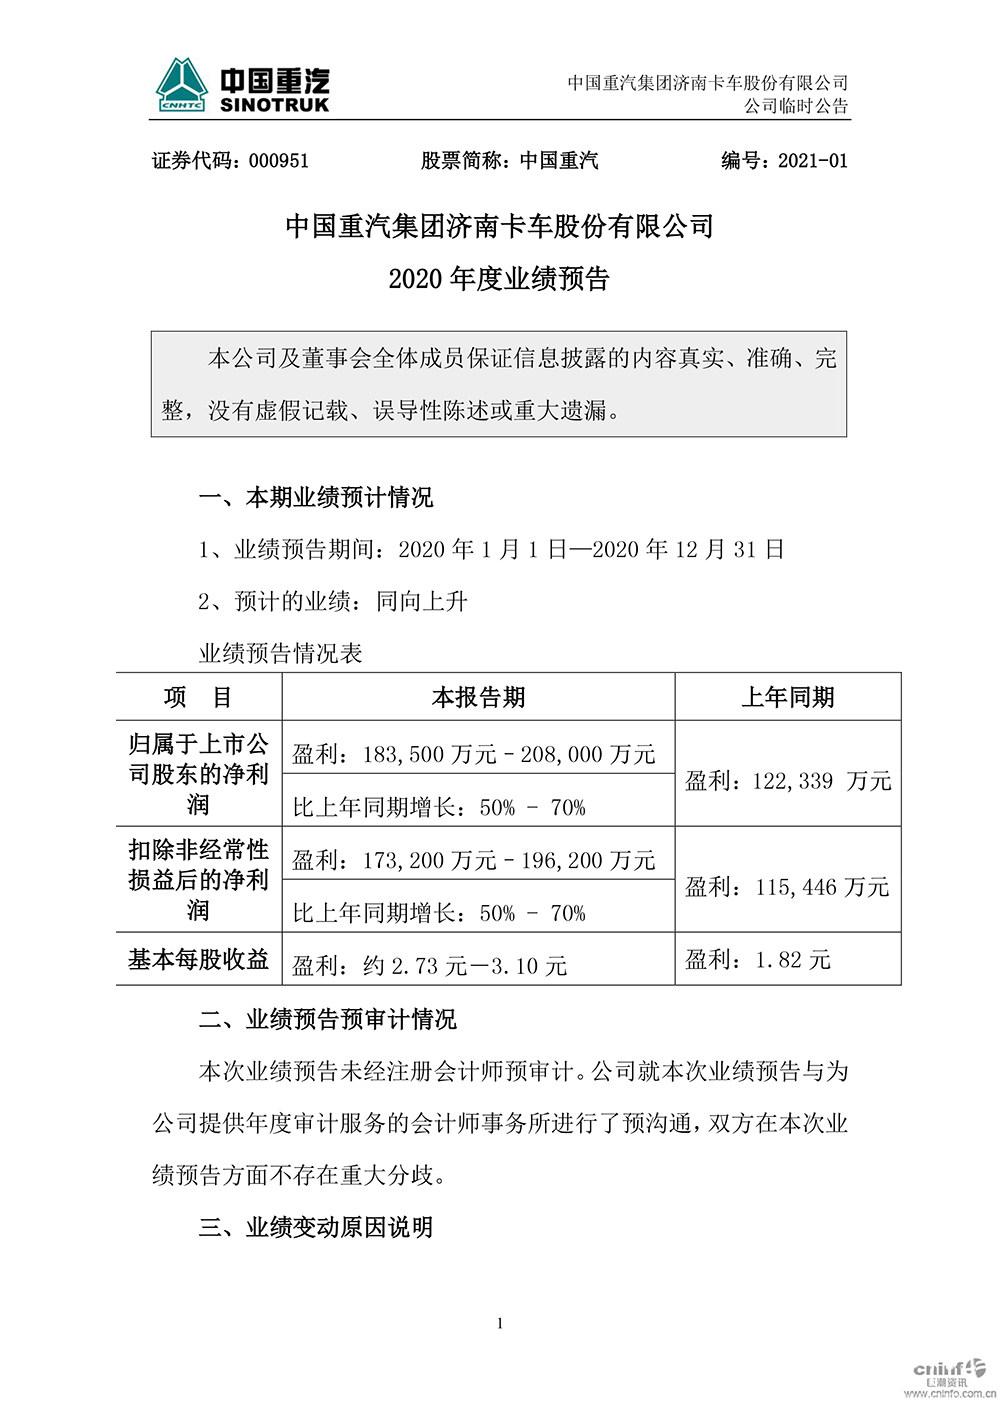 中国重汽:2020年度净利预计增长50%~70%